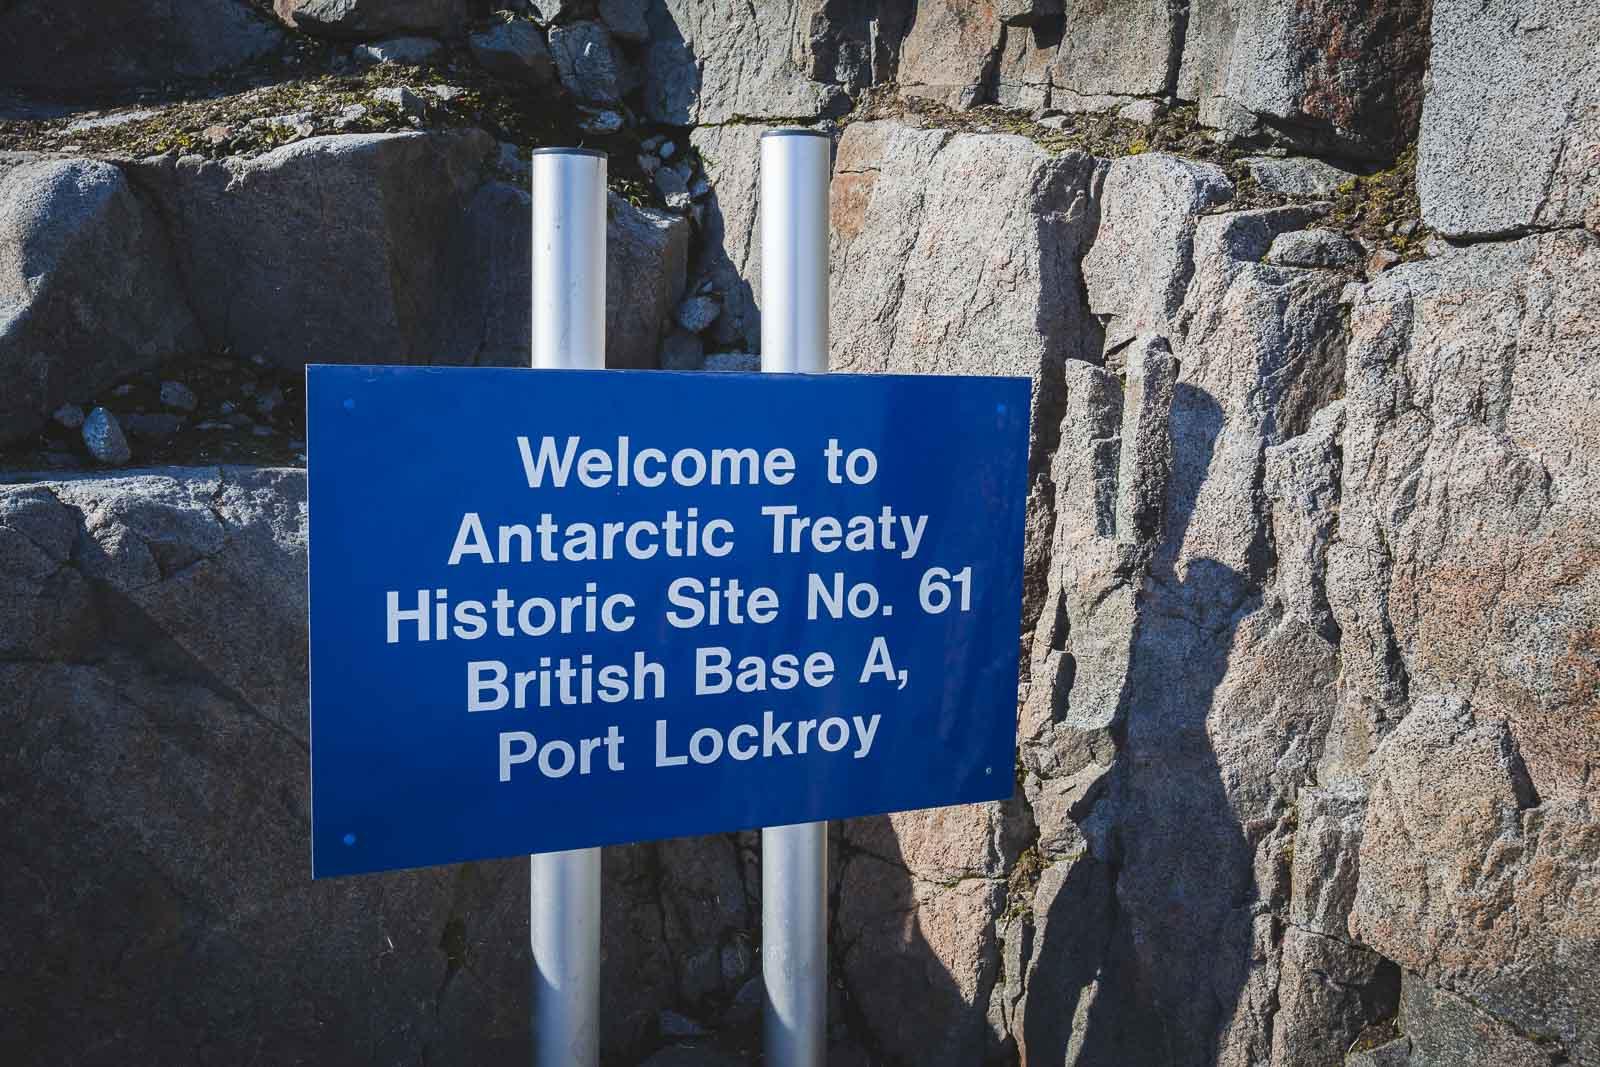 Antarctica Treaty